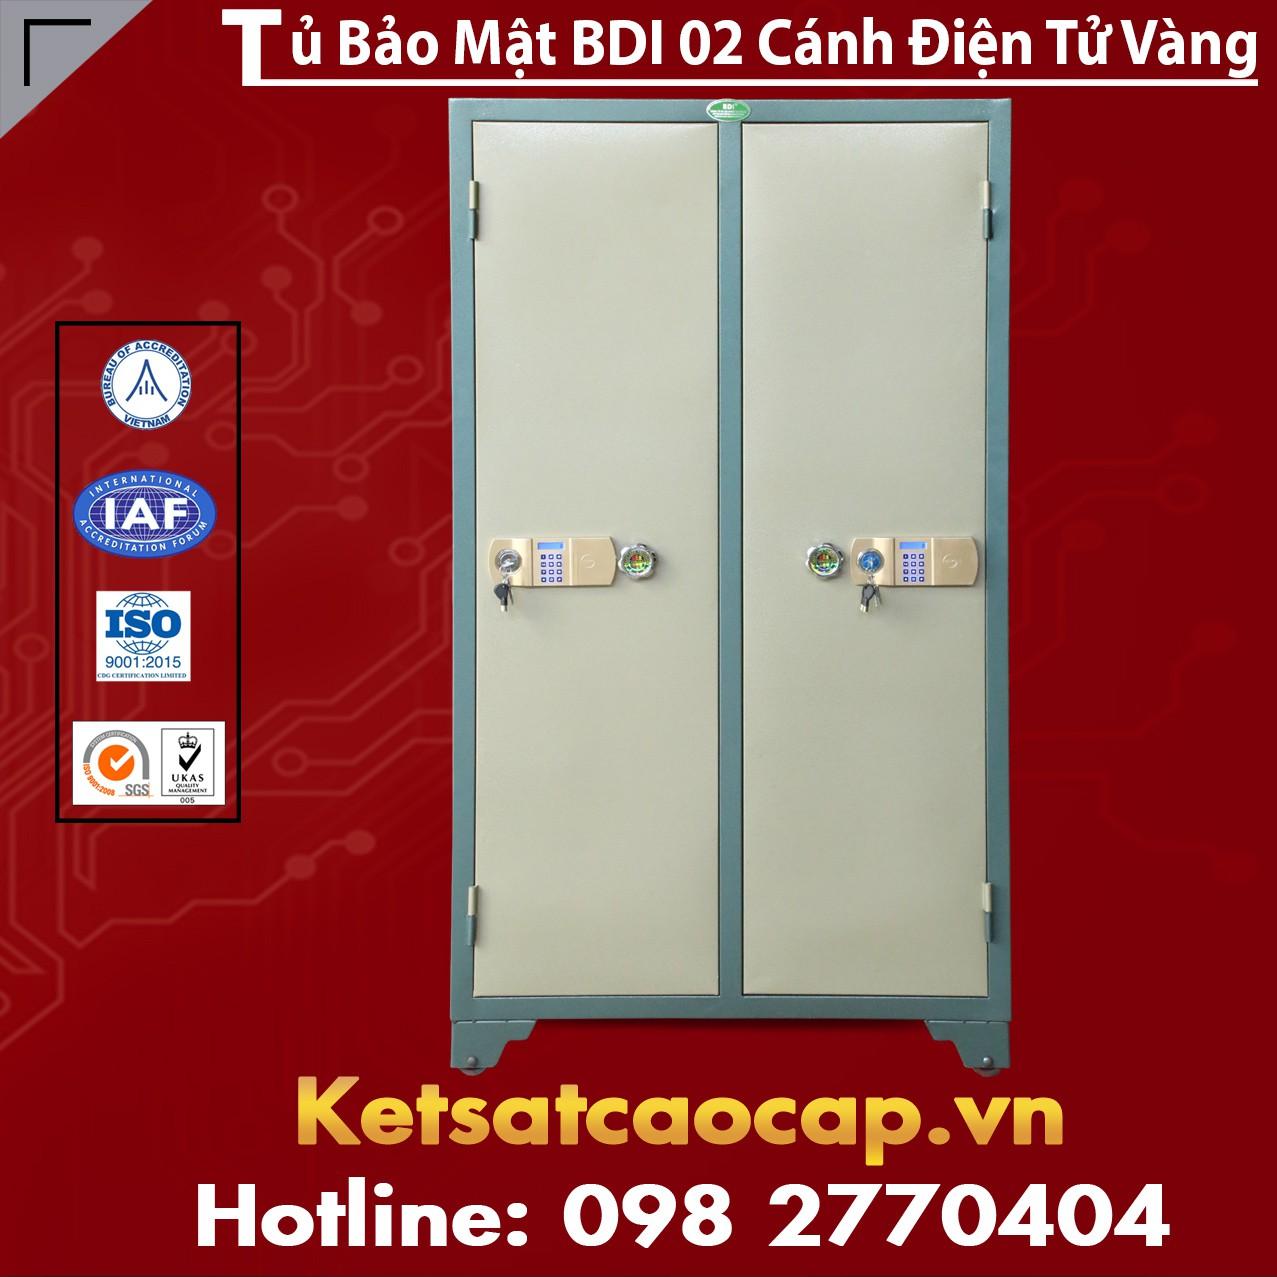 Tủ Bảo Mật BDI 2 Cánh Điện Tử Vàng